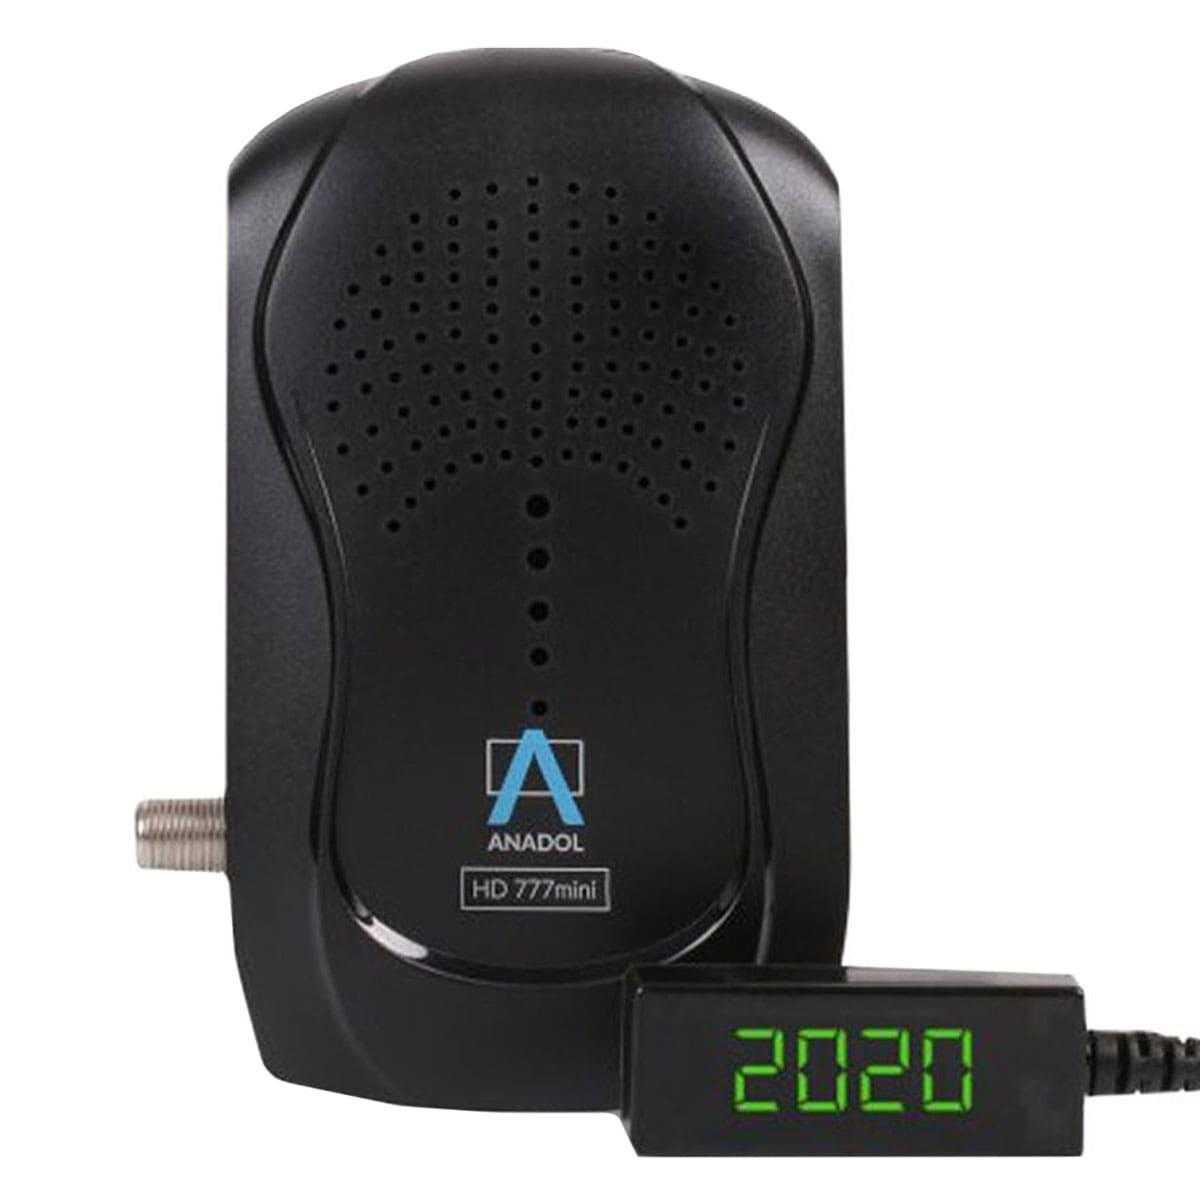 Anadol HD 777 Mini Full HD 1080p HDMI USB mit PVR 1x DVB-S2 Sat Receiver Schwarz RECANA013